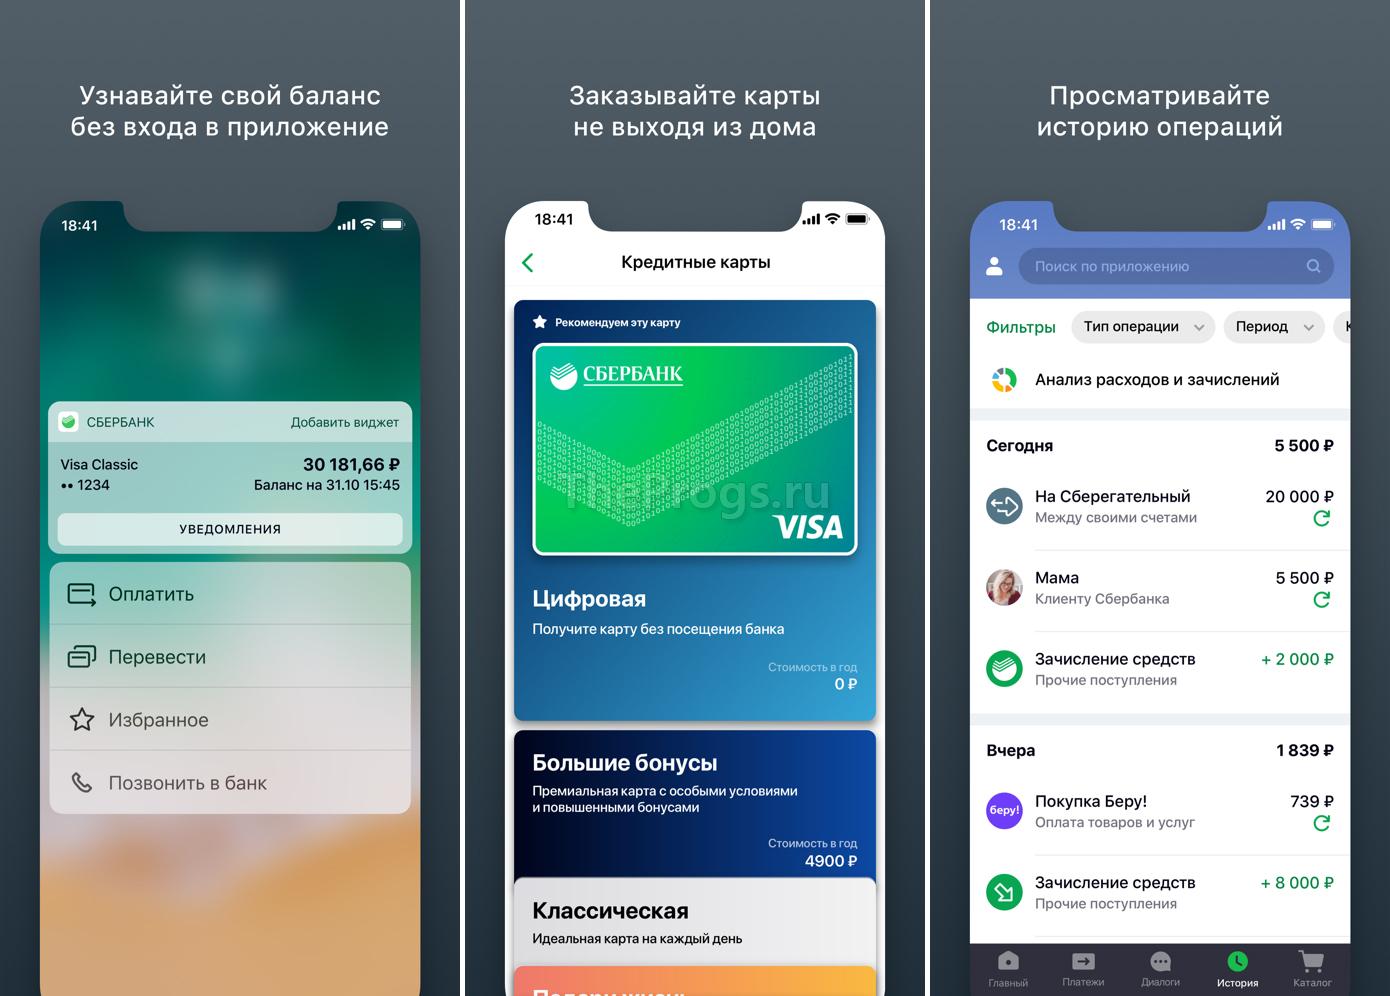 Сбербанк Онлайн (мобильное приложение, интерфейс) фото - TheProgs.ru